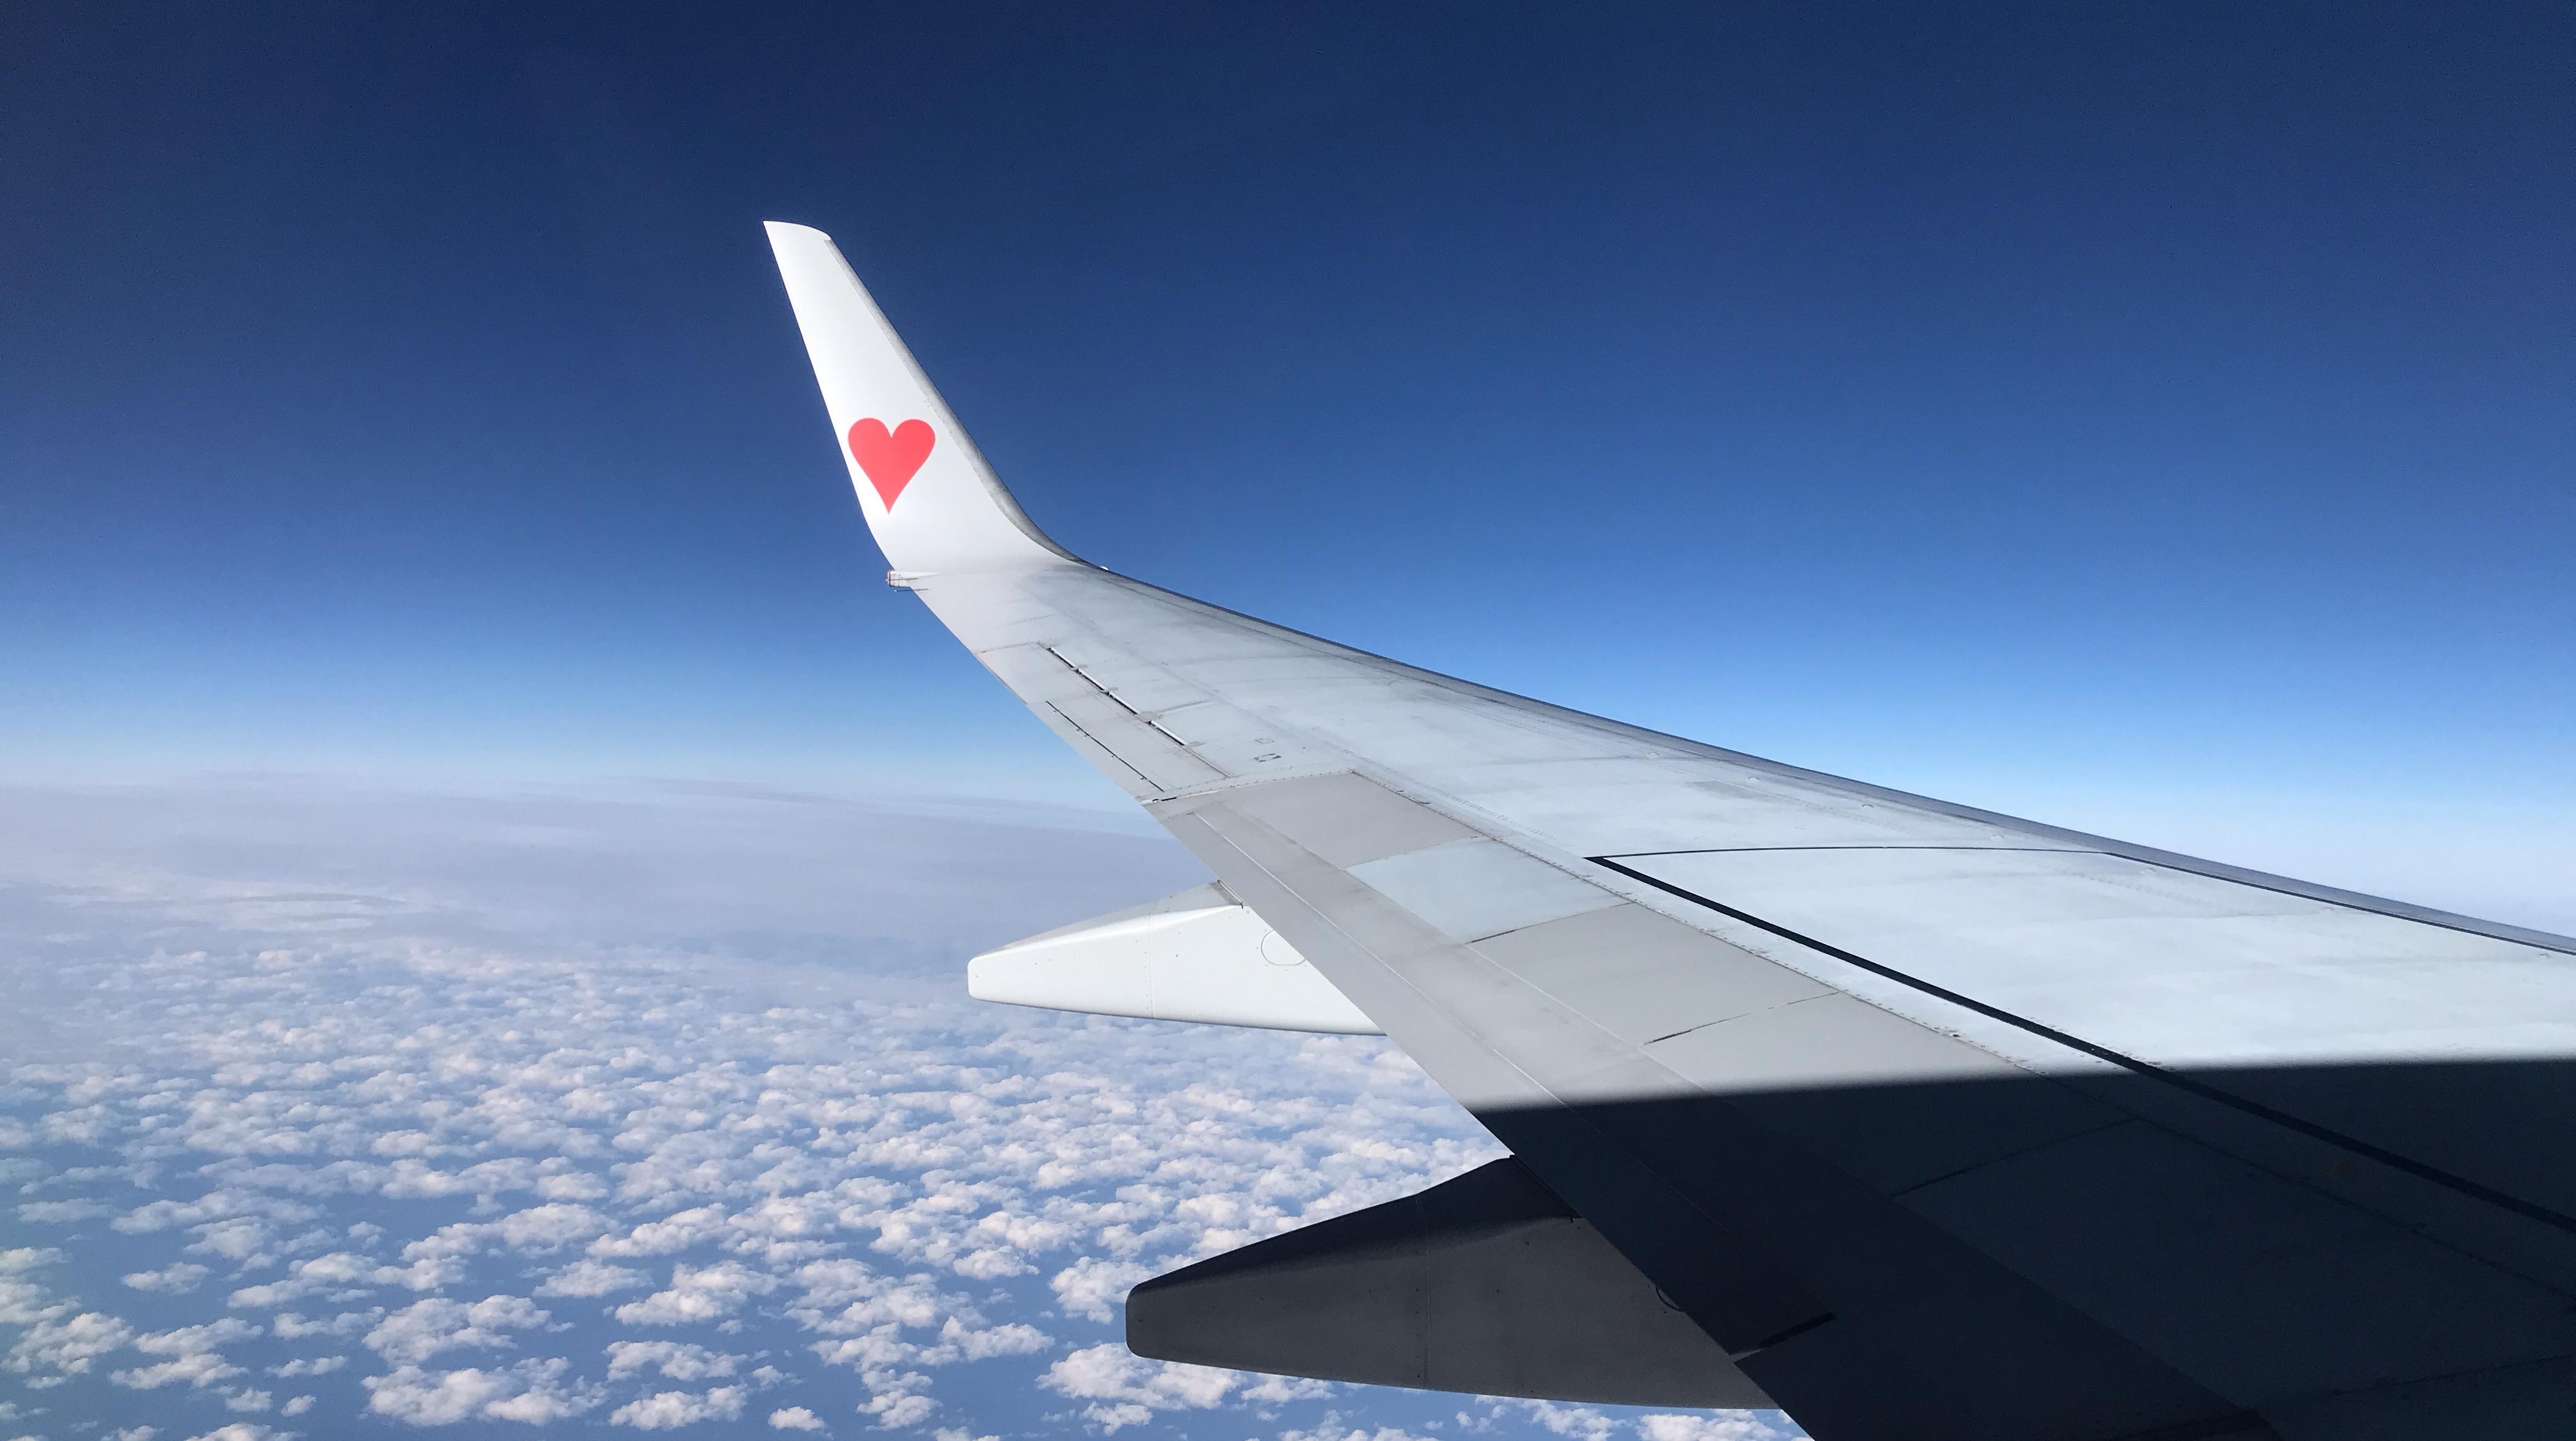 名古屋から北海道日帰り旅行ができる!中部国際空港セントレア発、スカイマークの飛行機がオススメ - d1b4e485af5320ca238c43ad812d705e